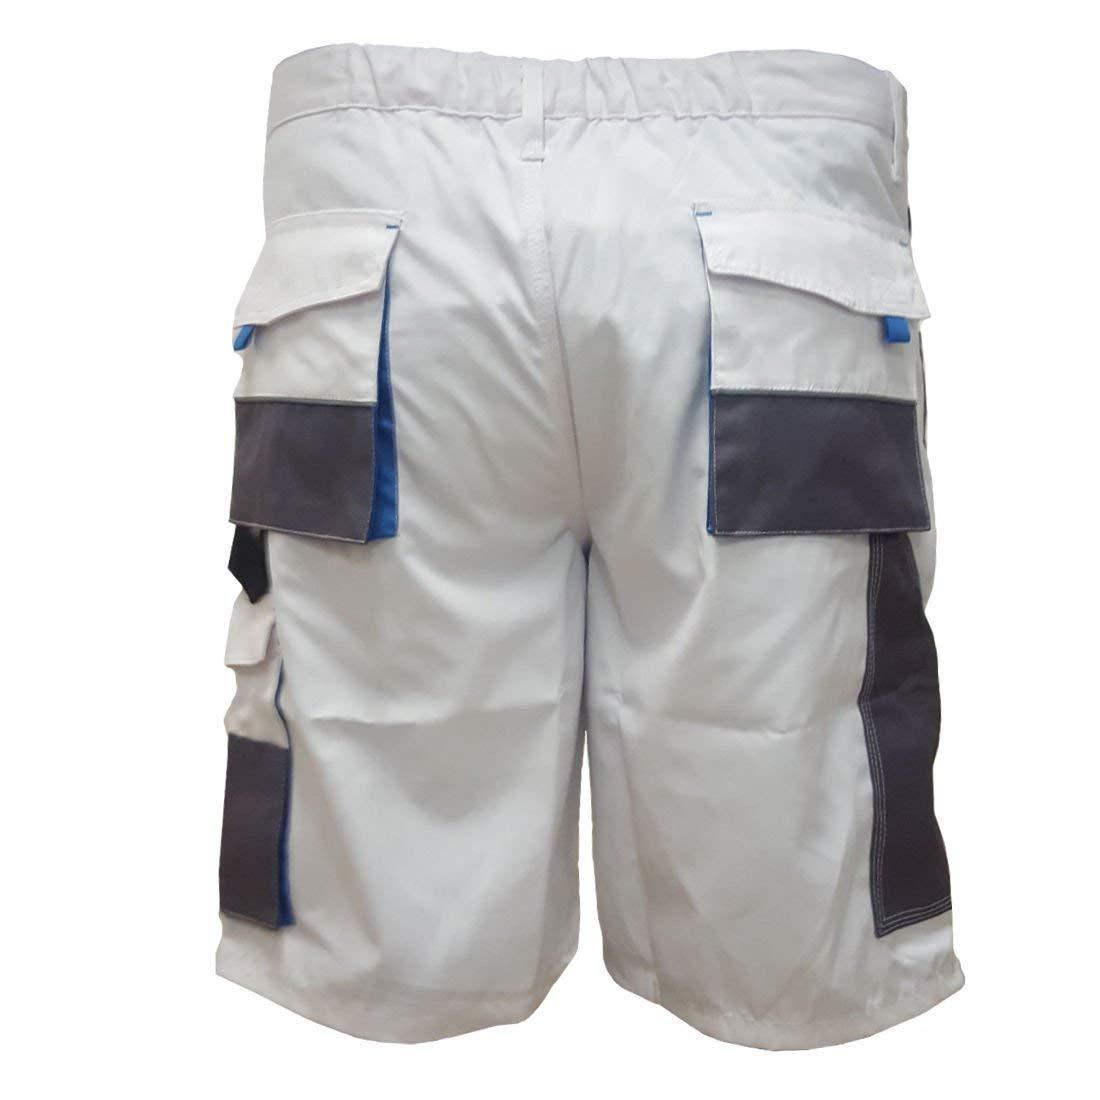 S Arbeitshose Kurze Hose Kurz Bermuda Shorts Orange Grau Gr XXXL